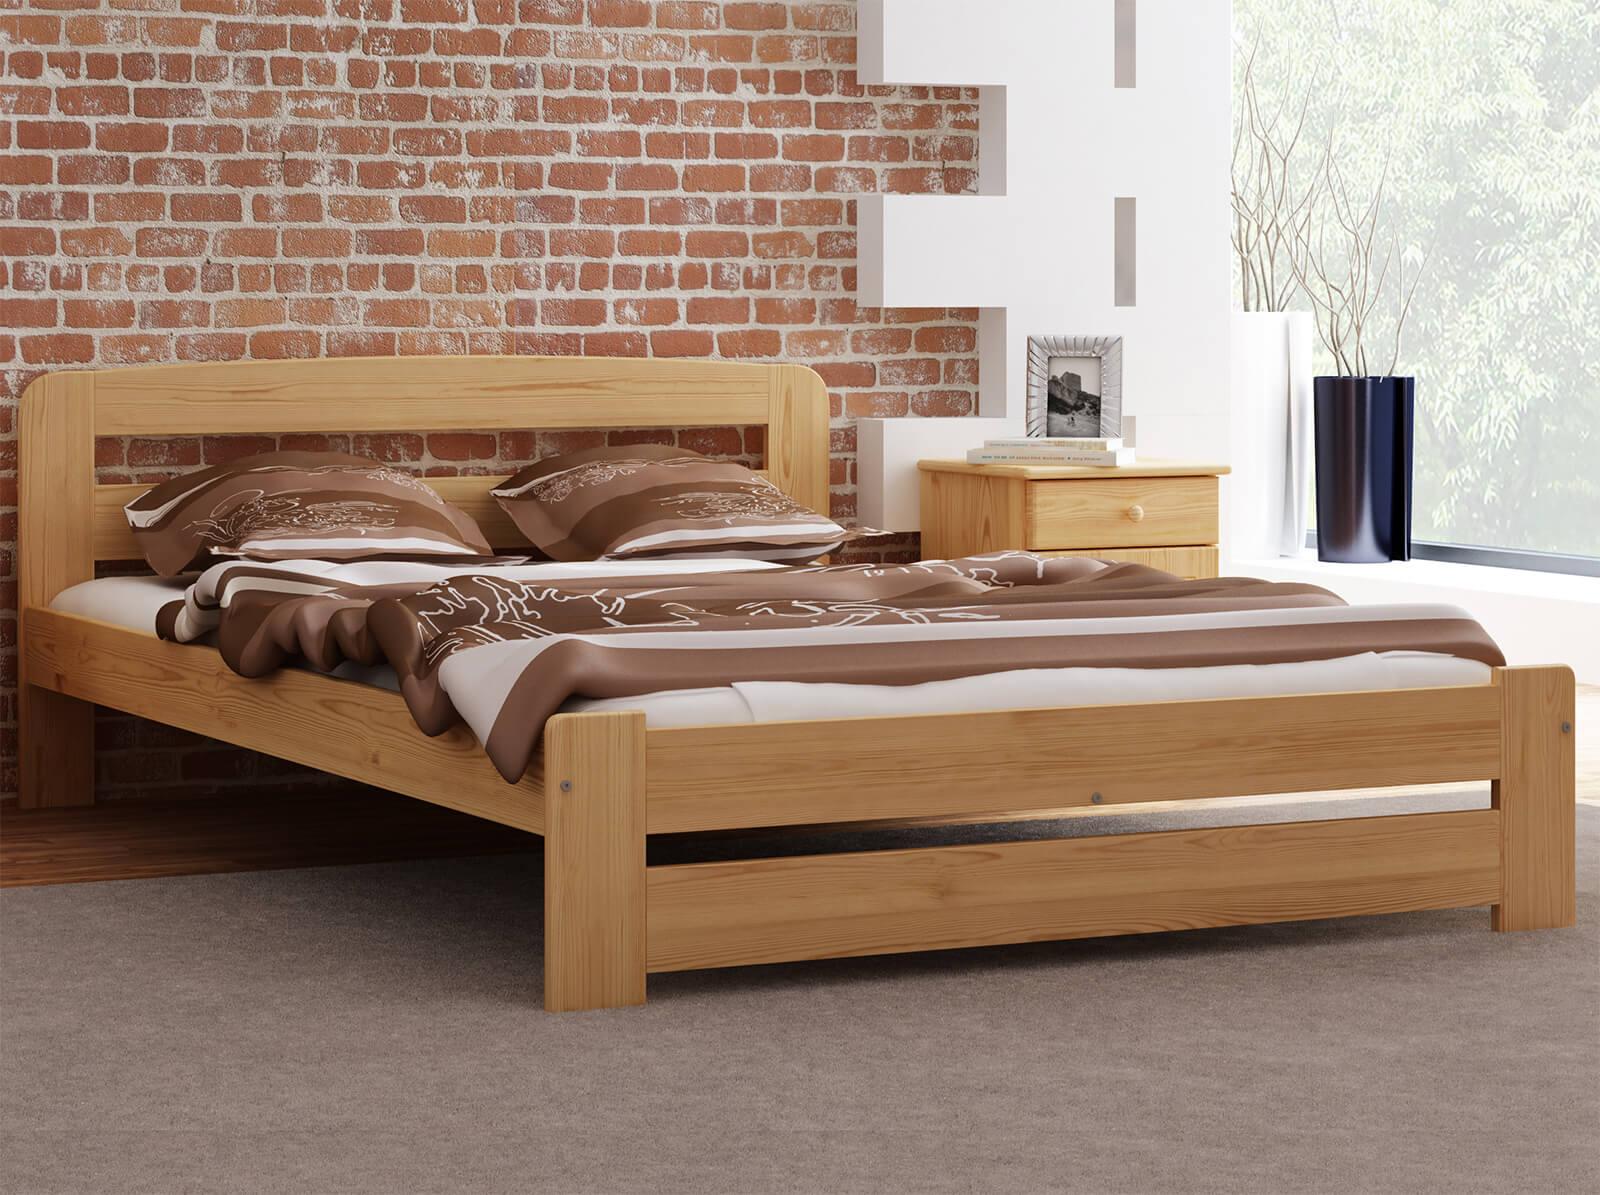 łóżko Drewniane Lidia 140x200 Z Materacem Piankowym